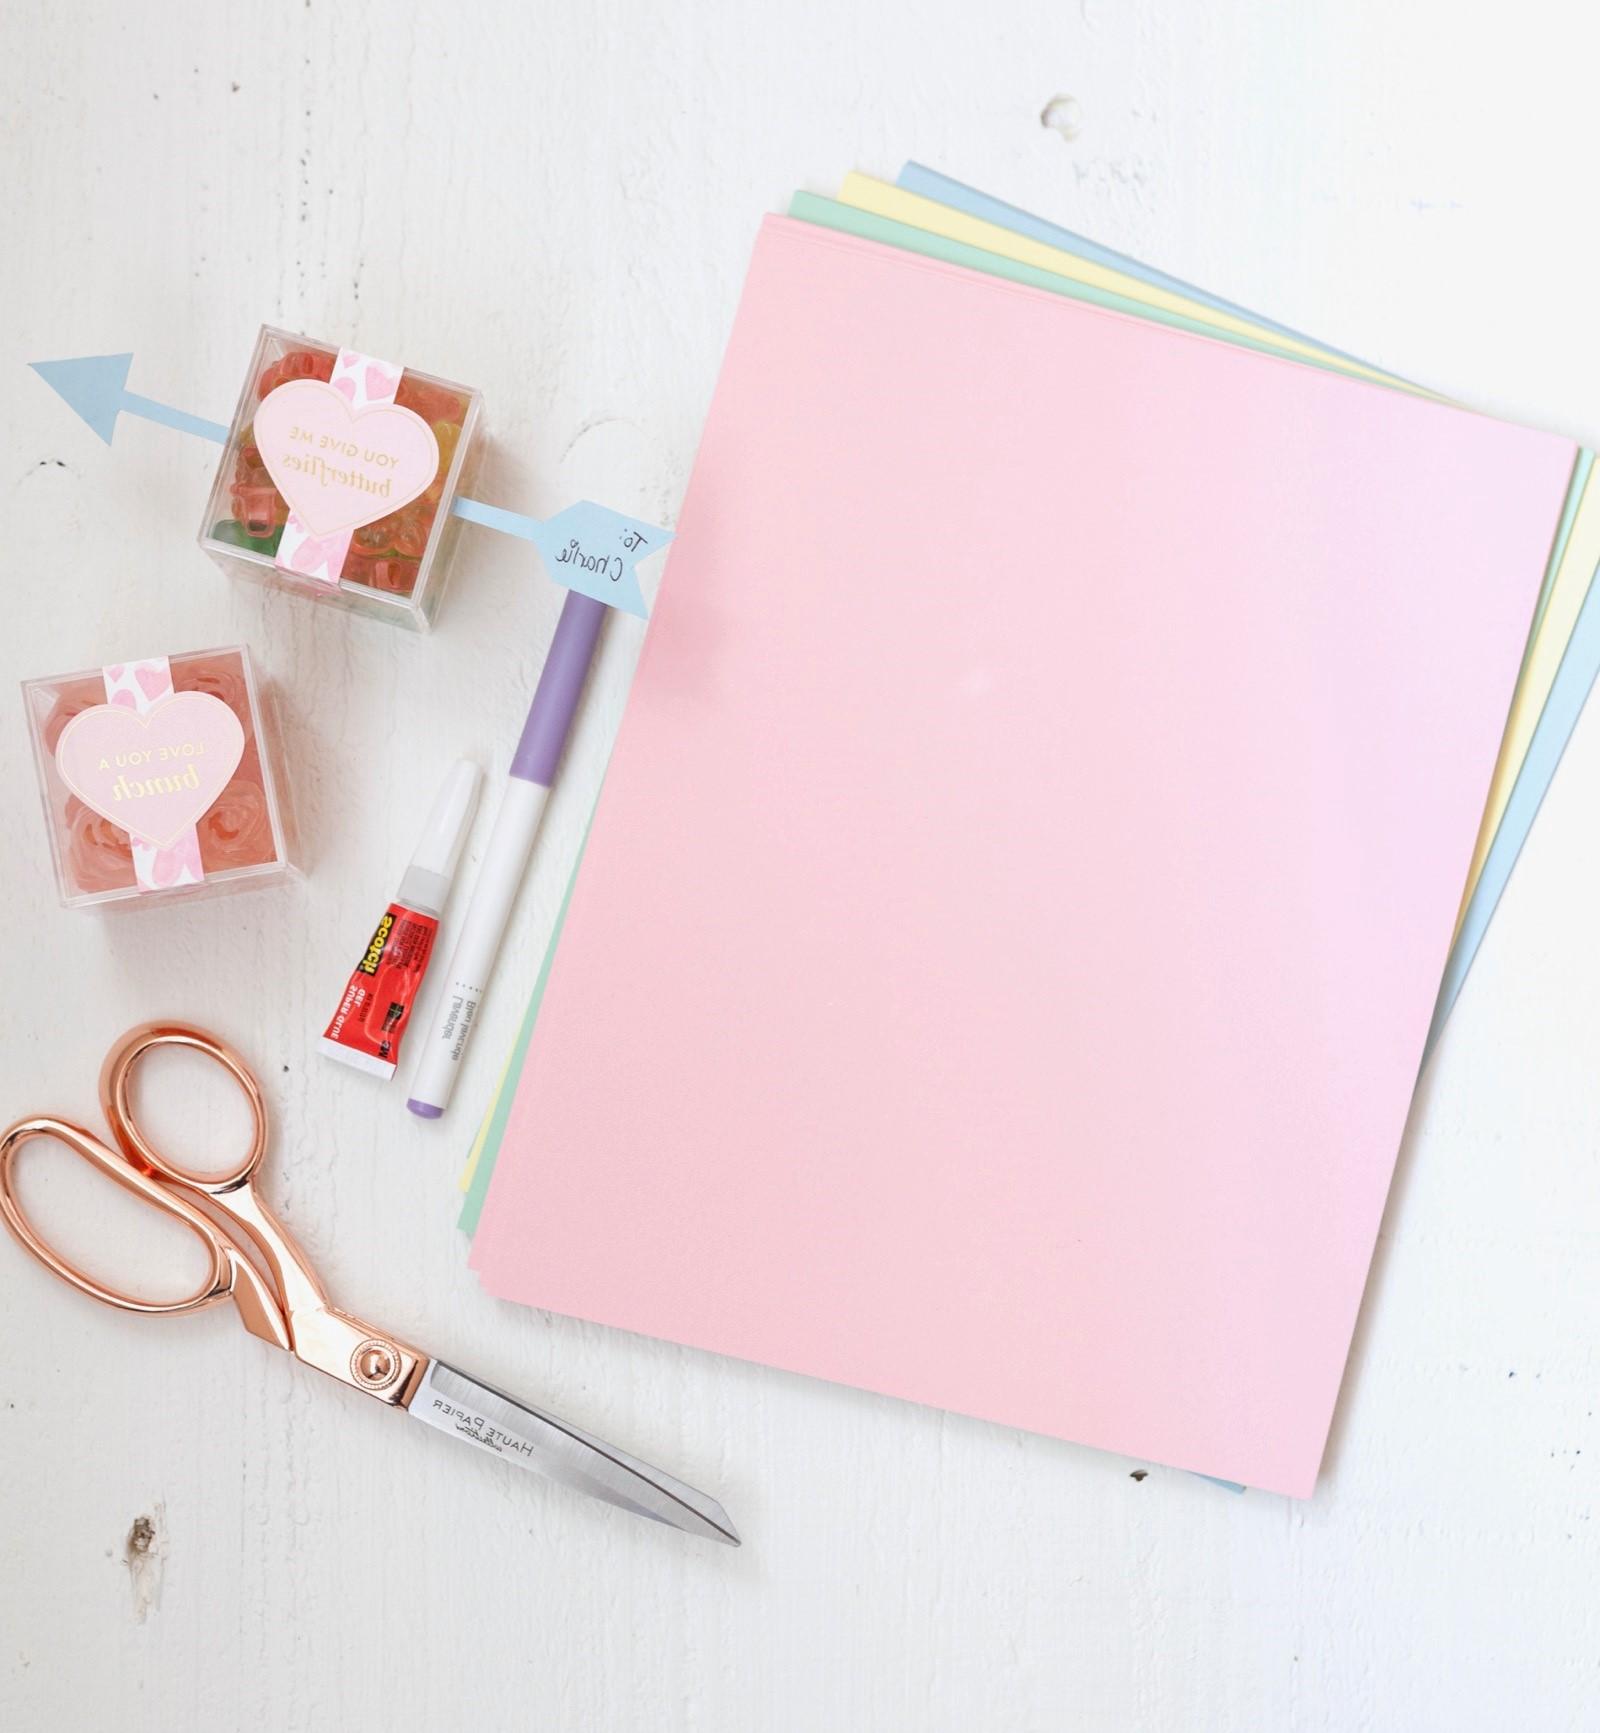 Suivez le tutoriel pour savoir comment réaliser une boîte cadeau.